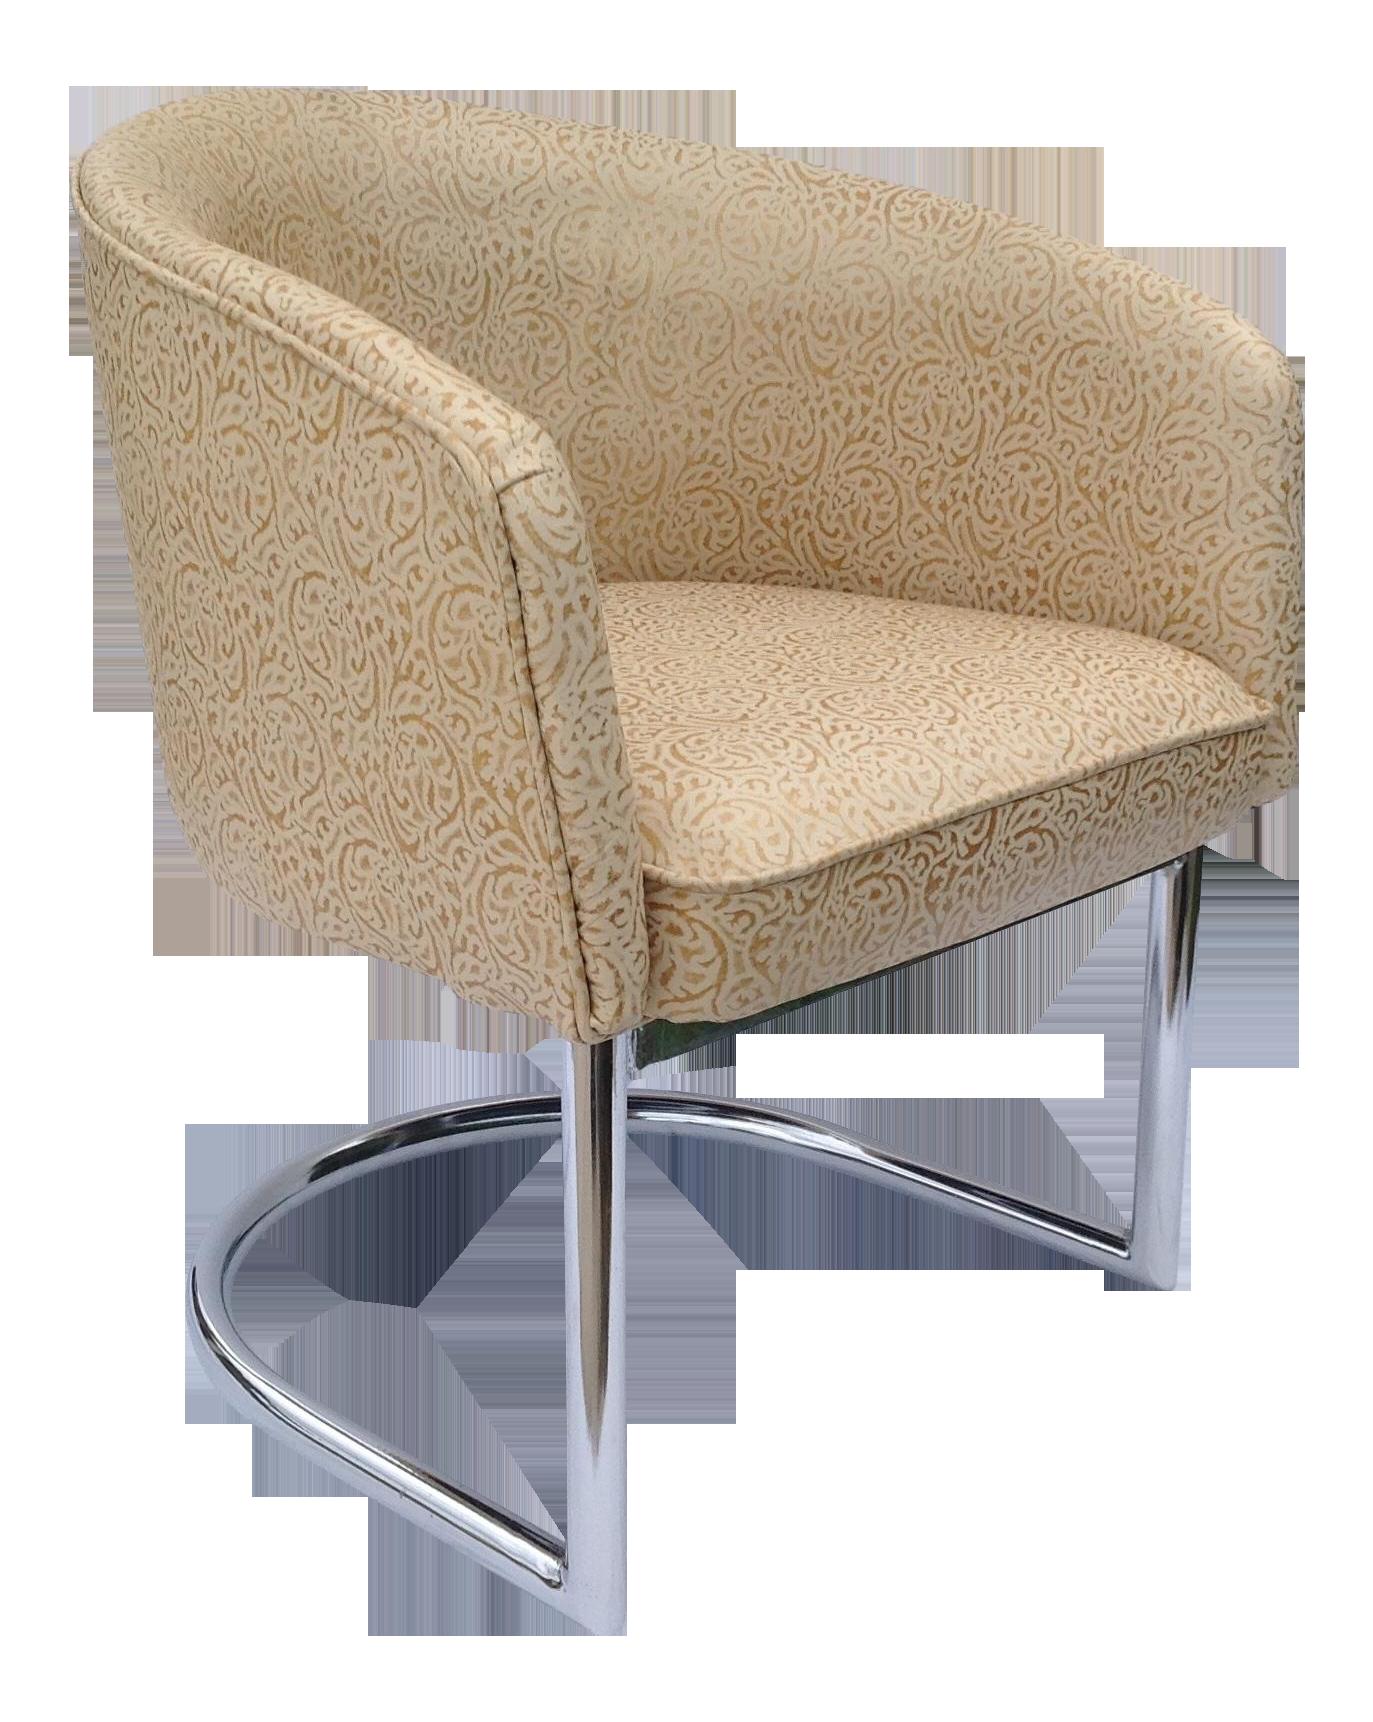 Merveilleux Milo Baughman Chrome Tub Club Chair   Image 1 Of 11